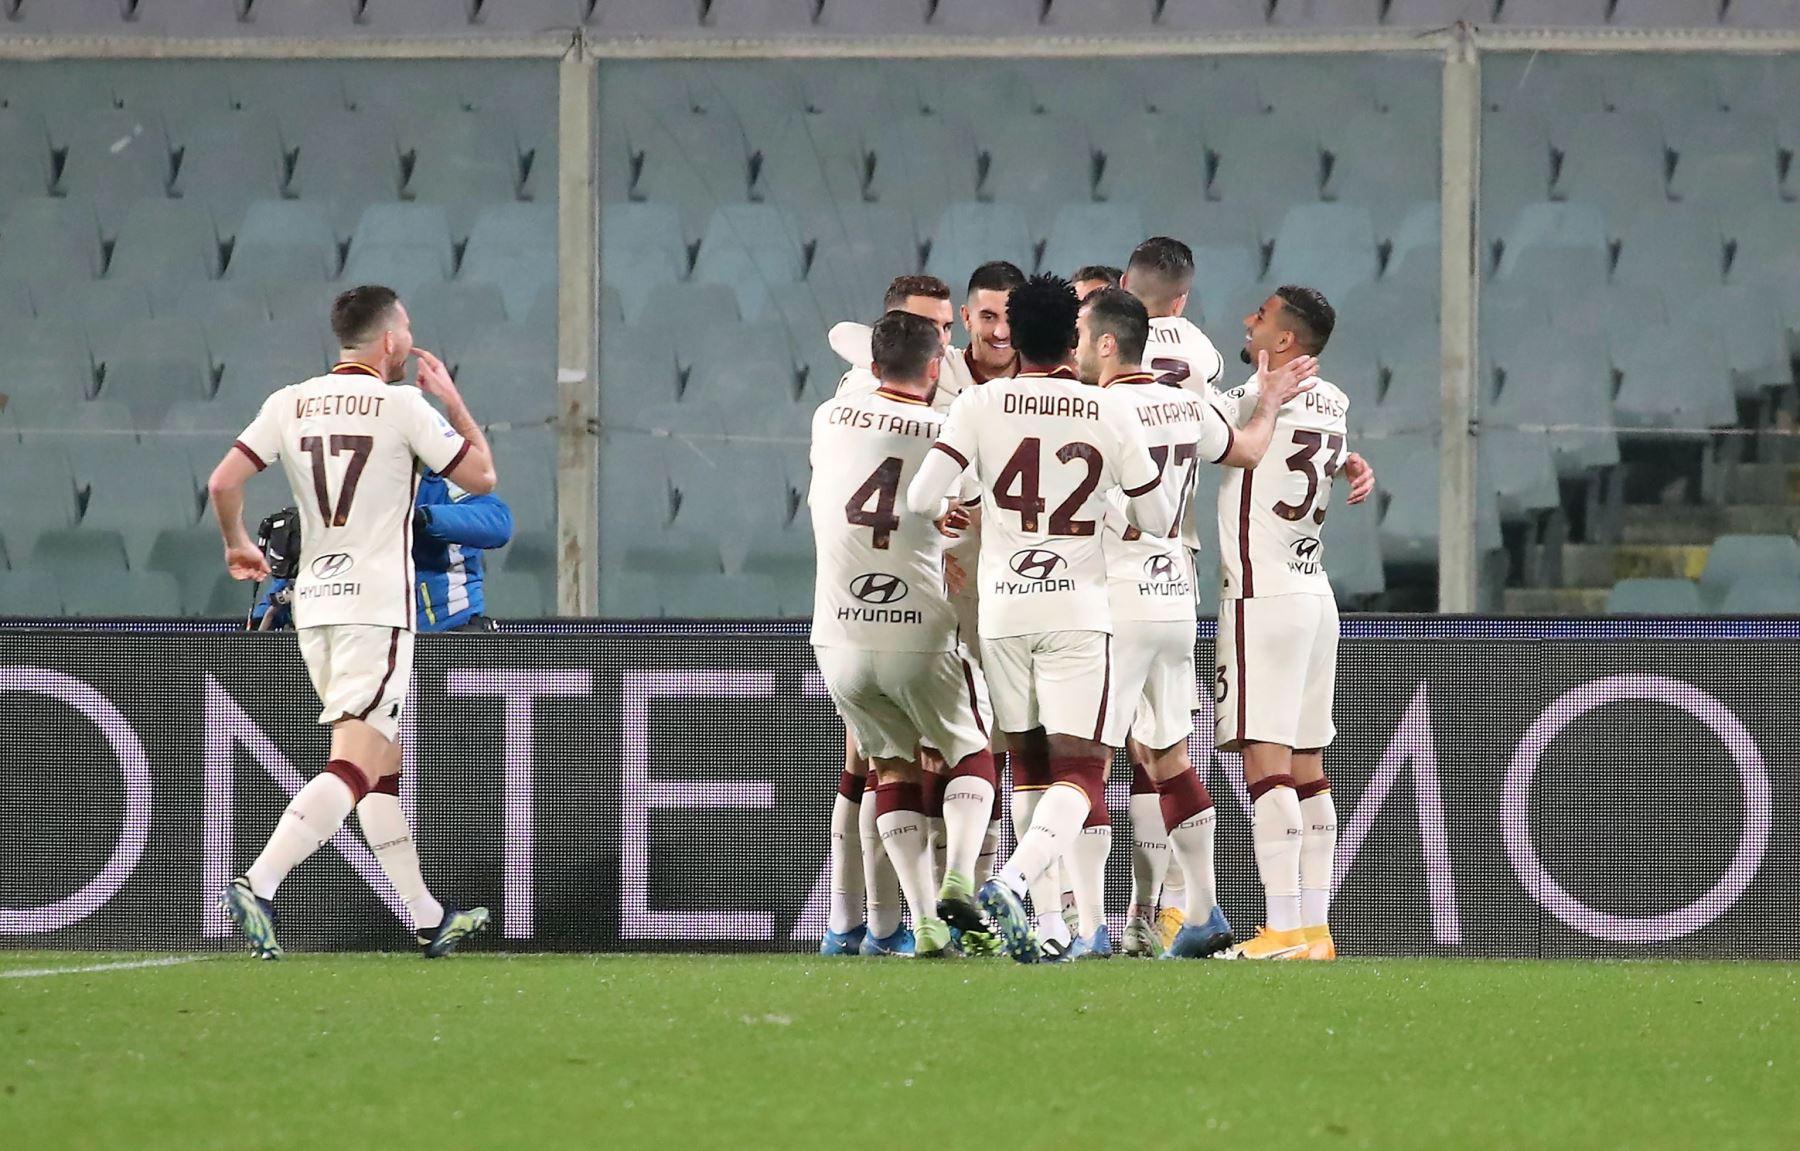 Los jugadores del AS Roma celebran tras anotar un gol a la Fiorentina durante el partido de fútbol de la Serie A en estadio Artemio Franchi. Foto: EFE